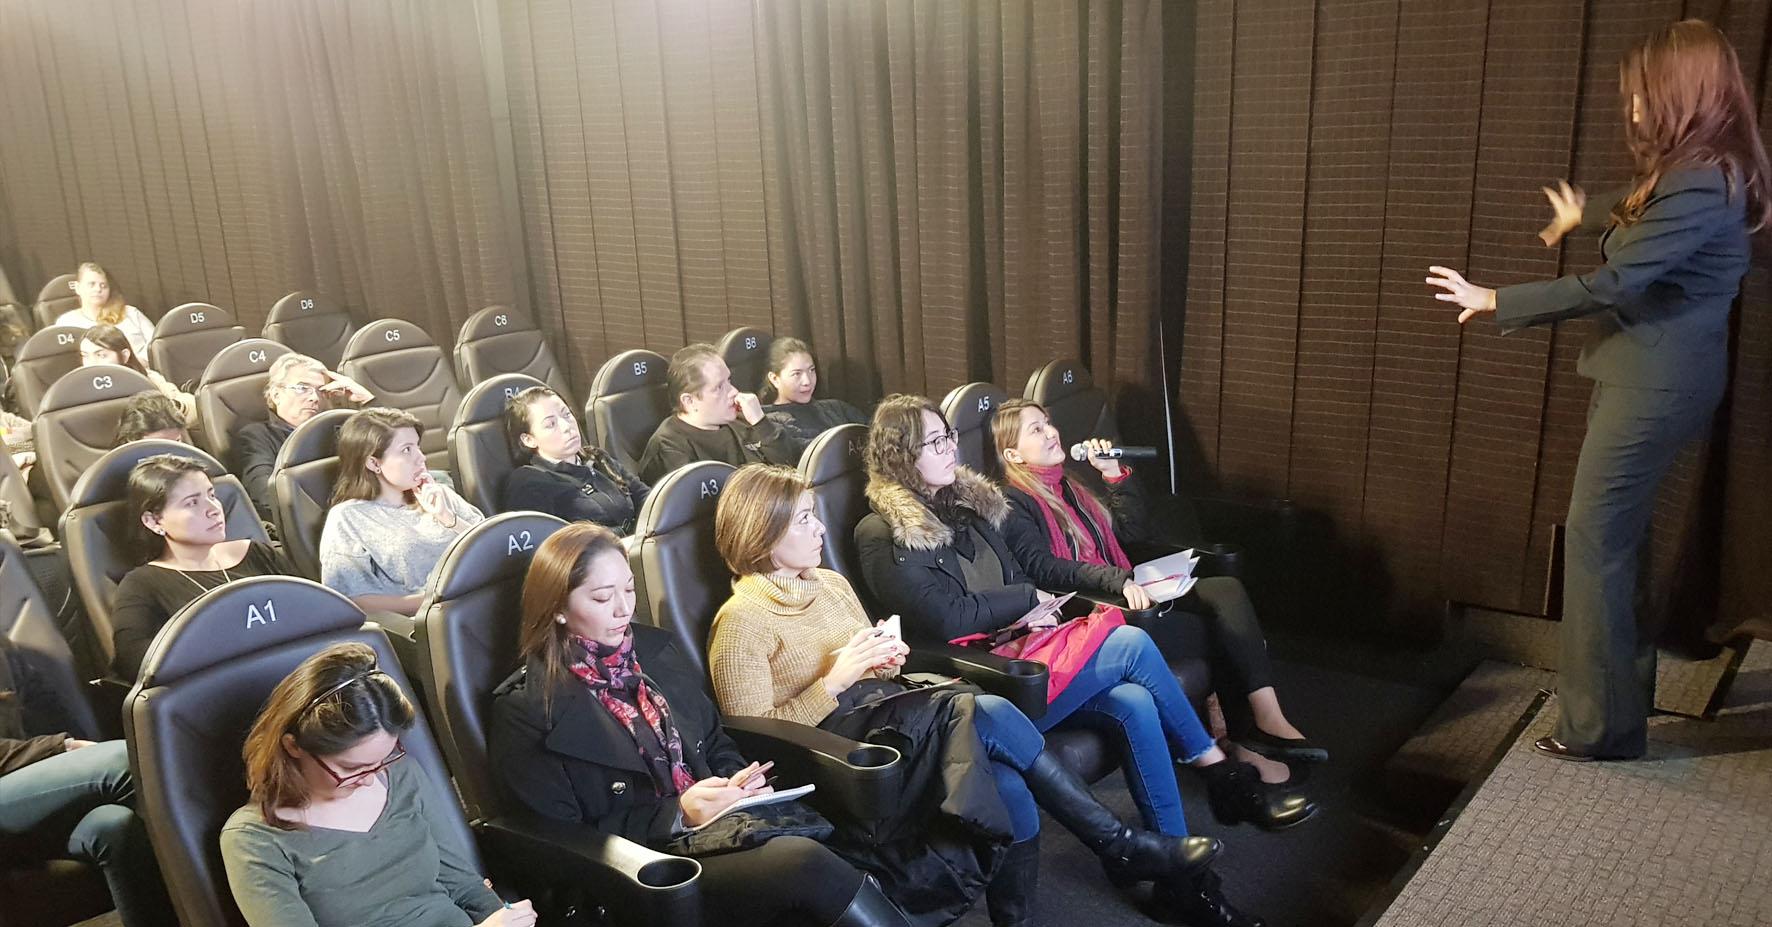 auditorio Casa de Mexico - En Habeas Legal, agradecemos tu asistencia a las sesiones informativas en Madrid del 9/Mar/19